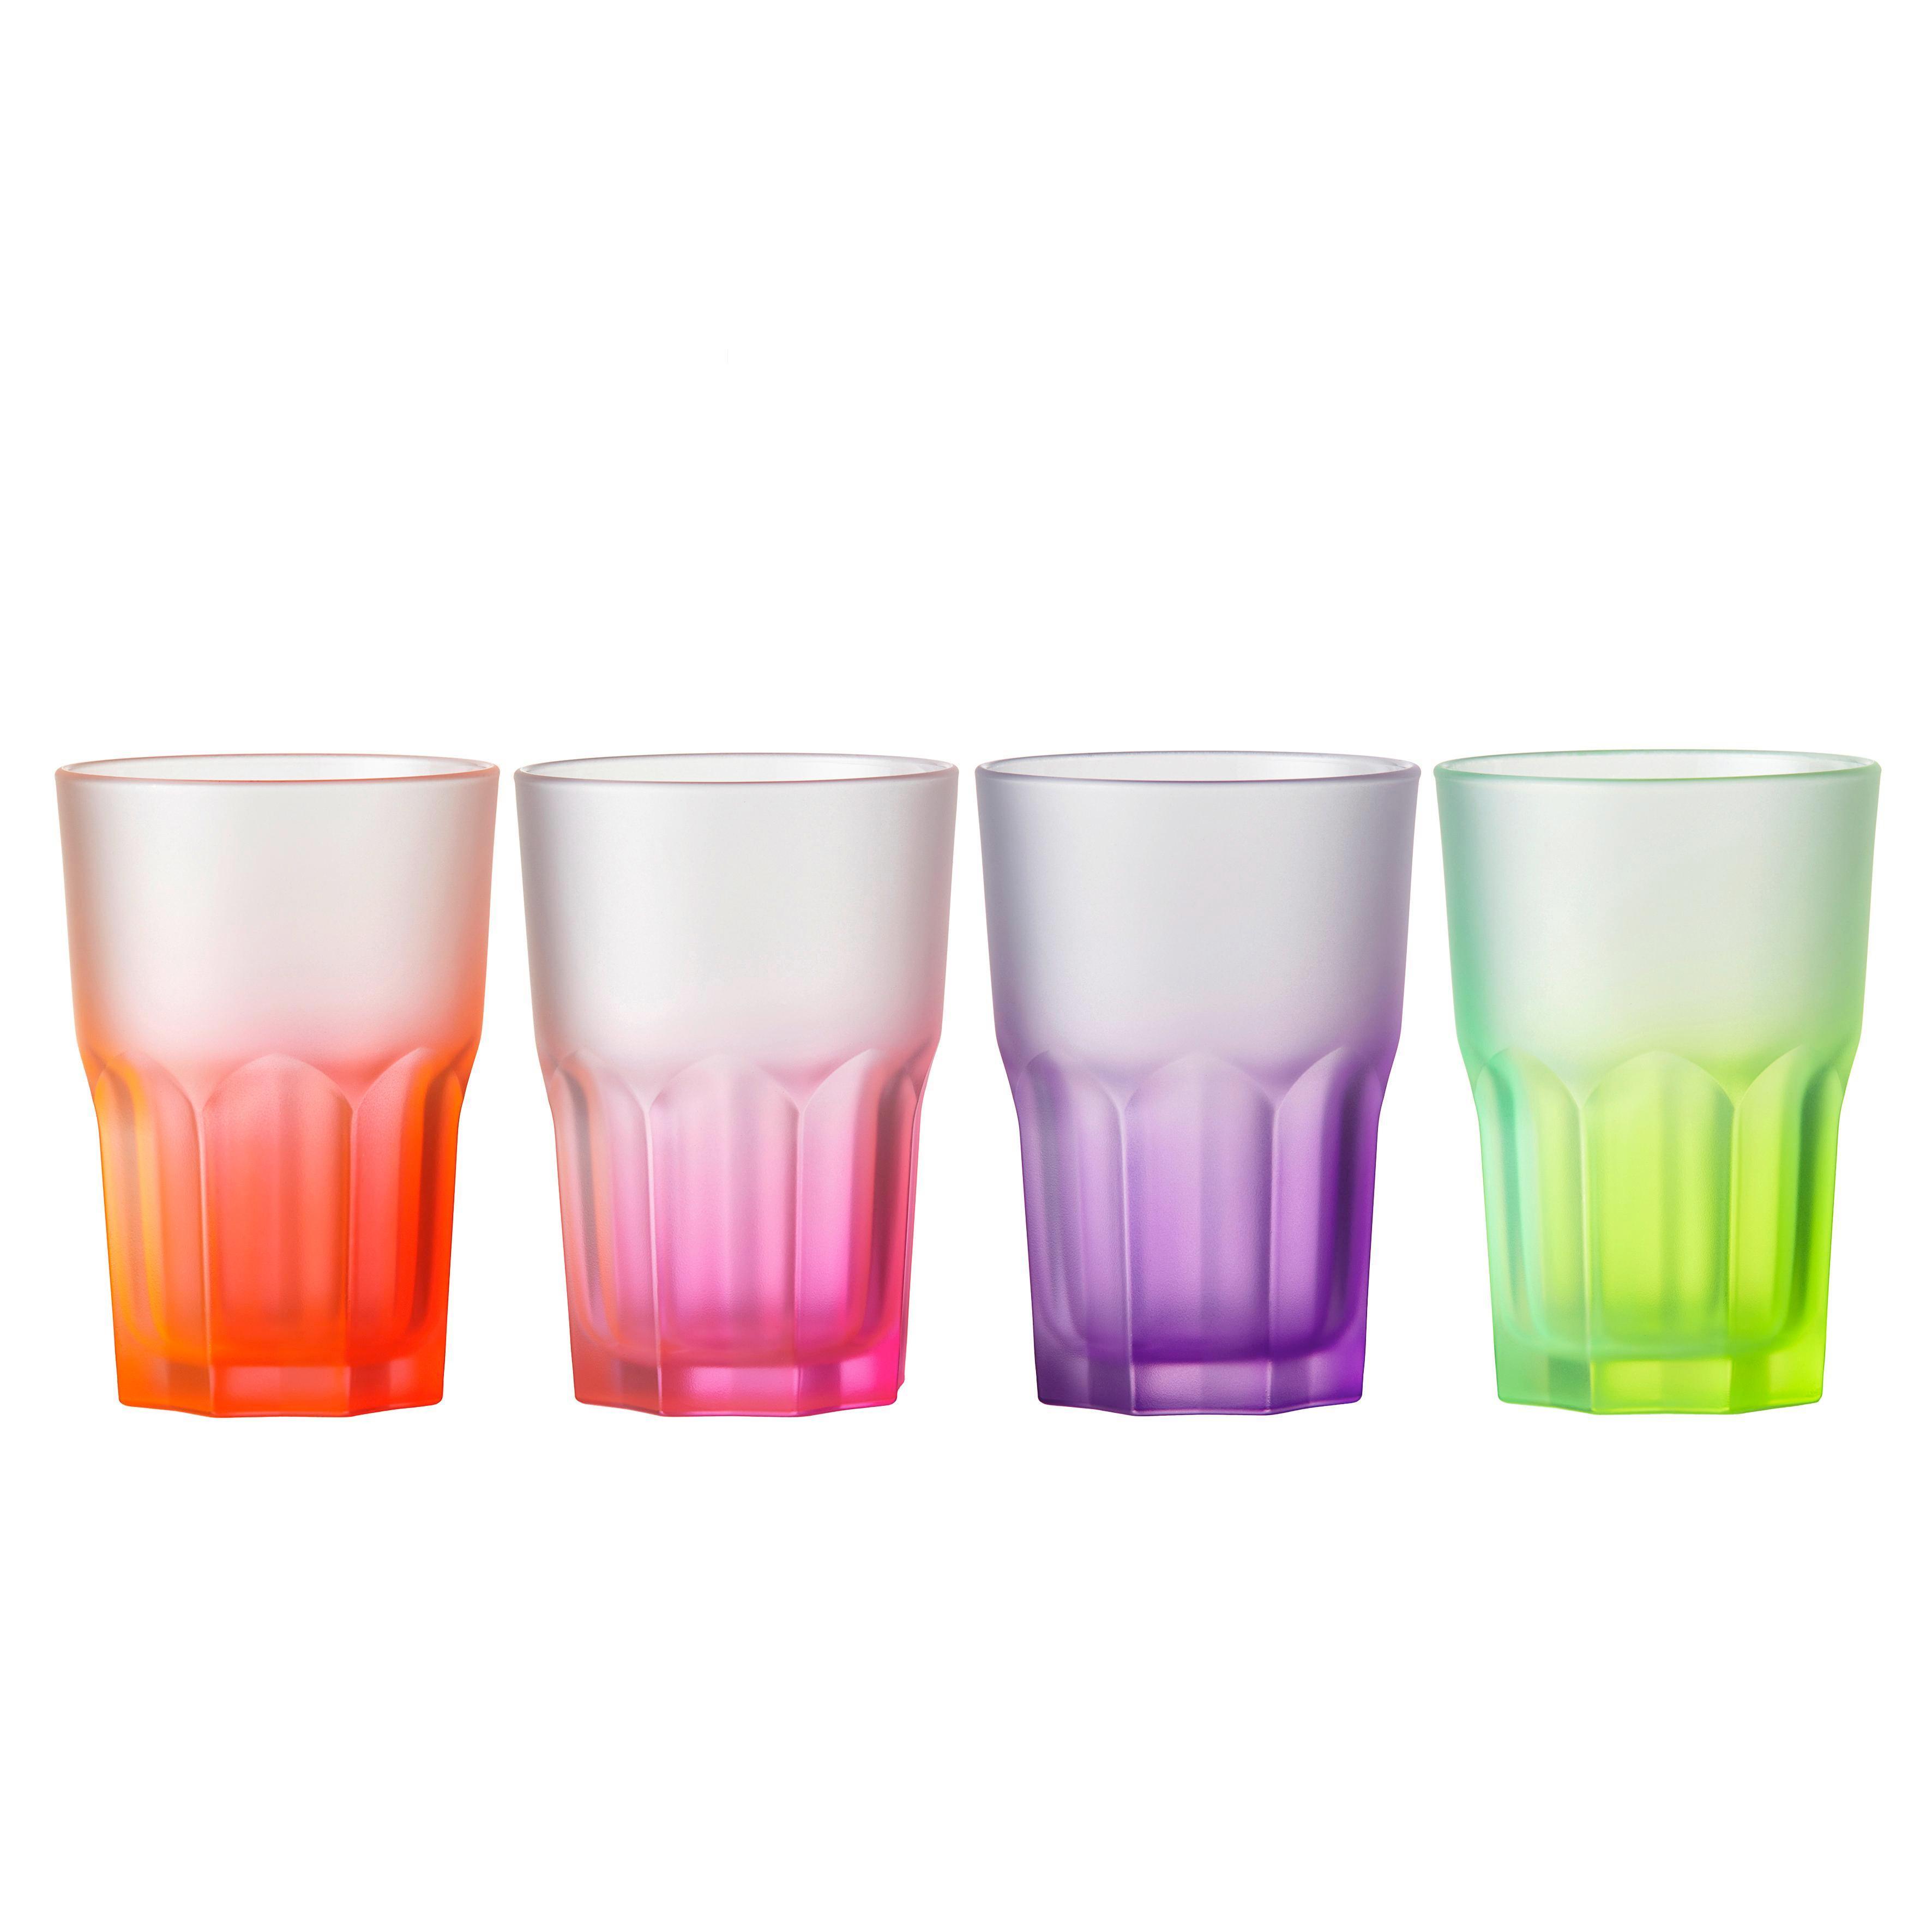 Trinkglas Sandy online kaufen ➤ mömax